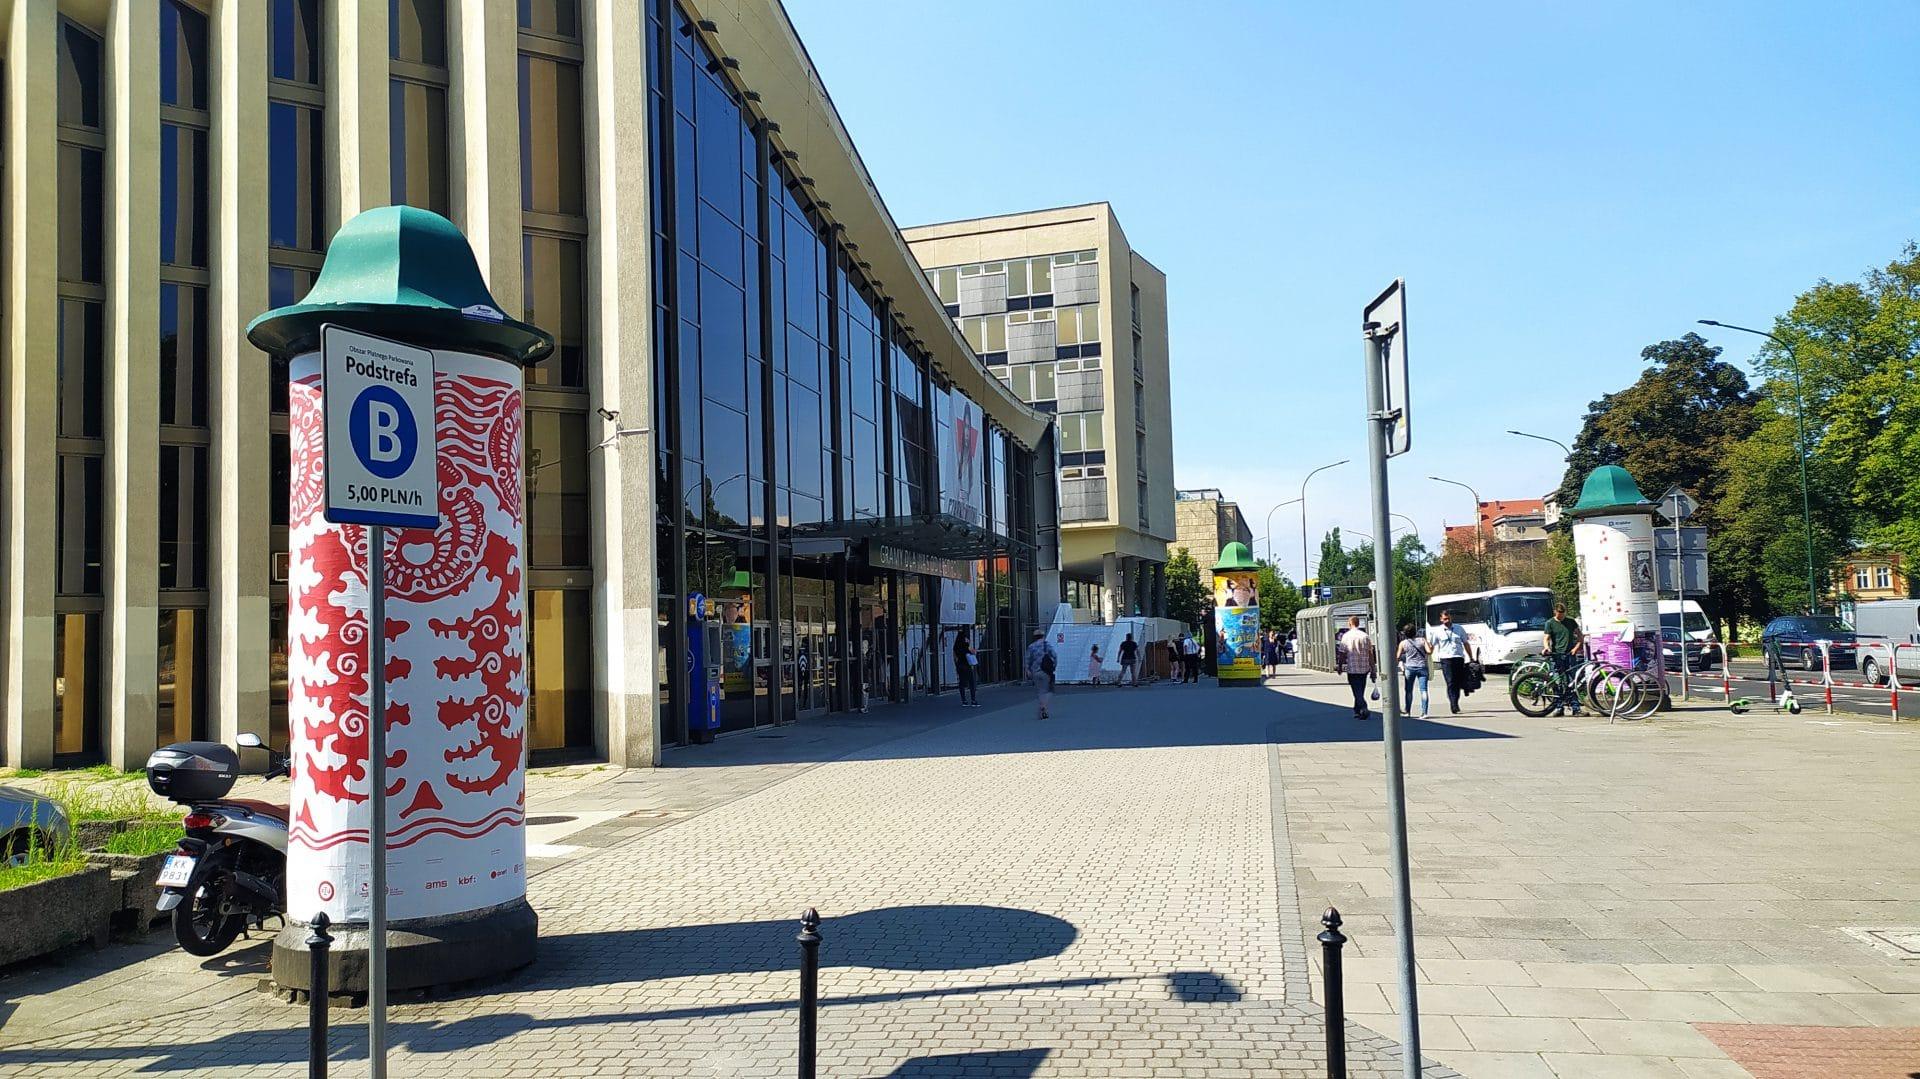 Kino Kijów i Hotel Cracovia. Kraków.